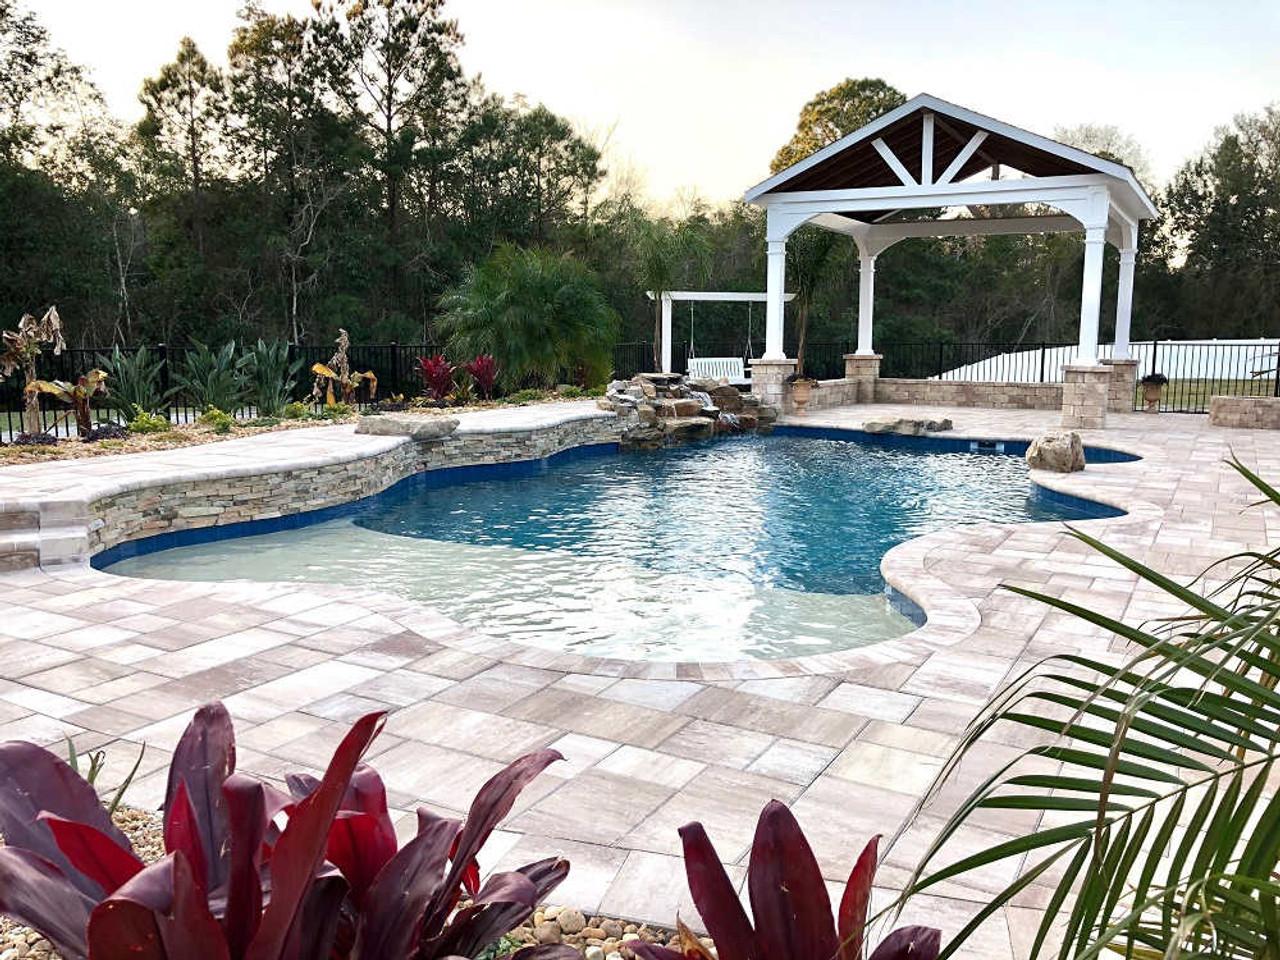 16x16 Vinyl Open Gabled Roof Pavilion  - Poolside in Jacksonville, FL